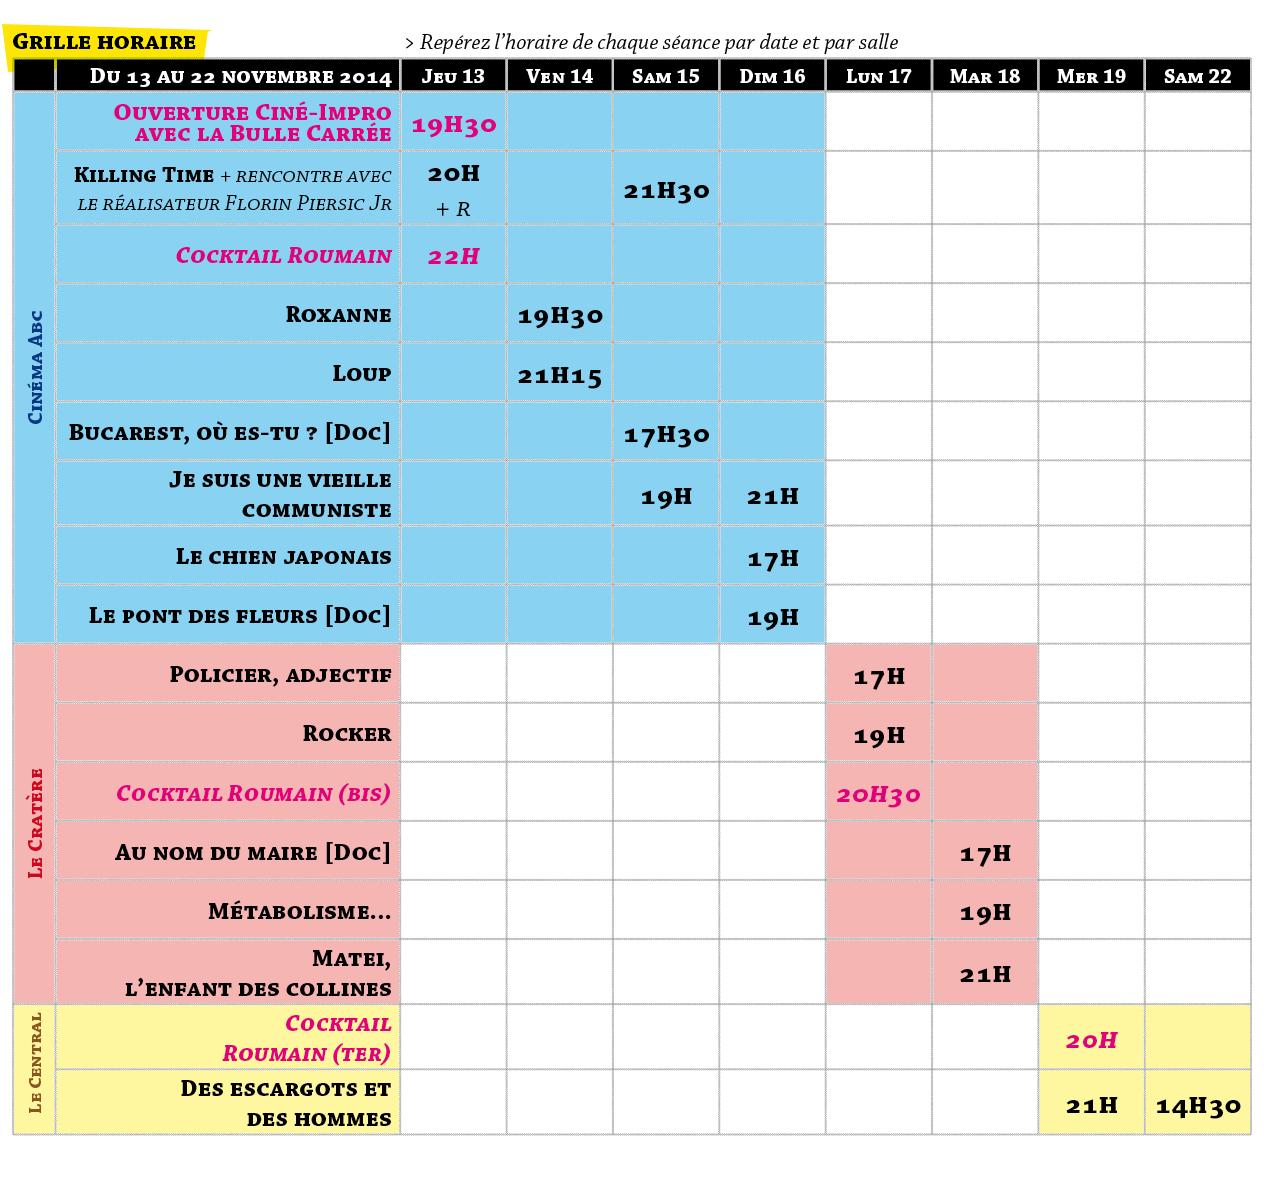 Grille horaire des séances du 13 au 22 novembre 2014